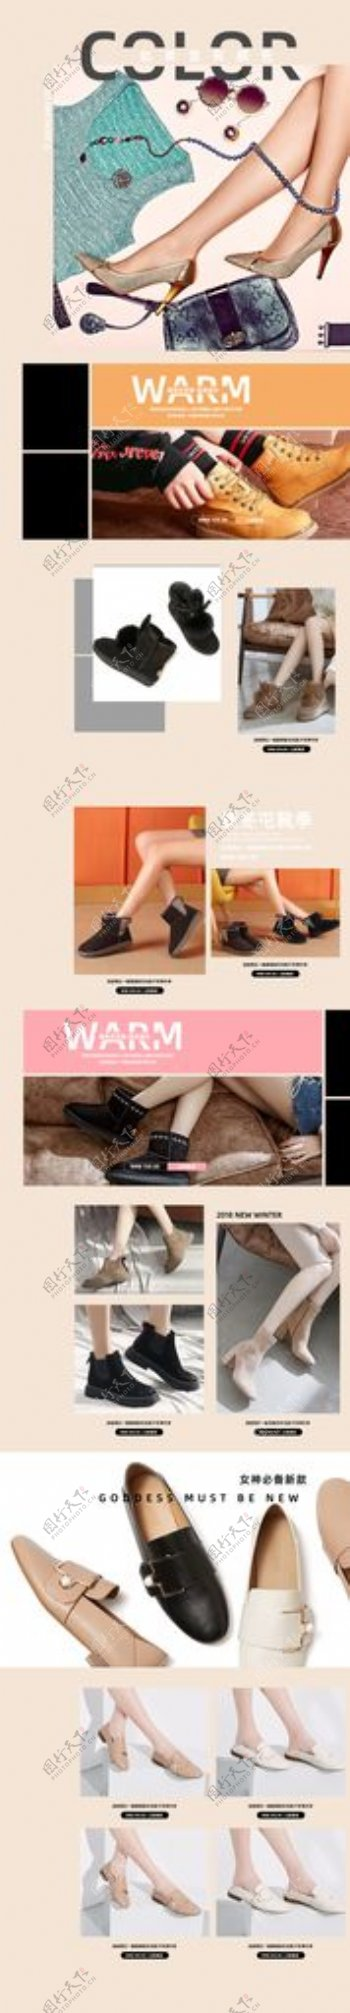 淘宝女鞋女装促销页面图片